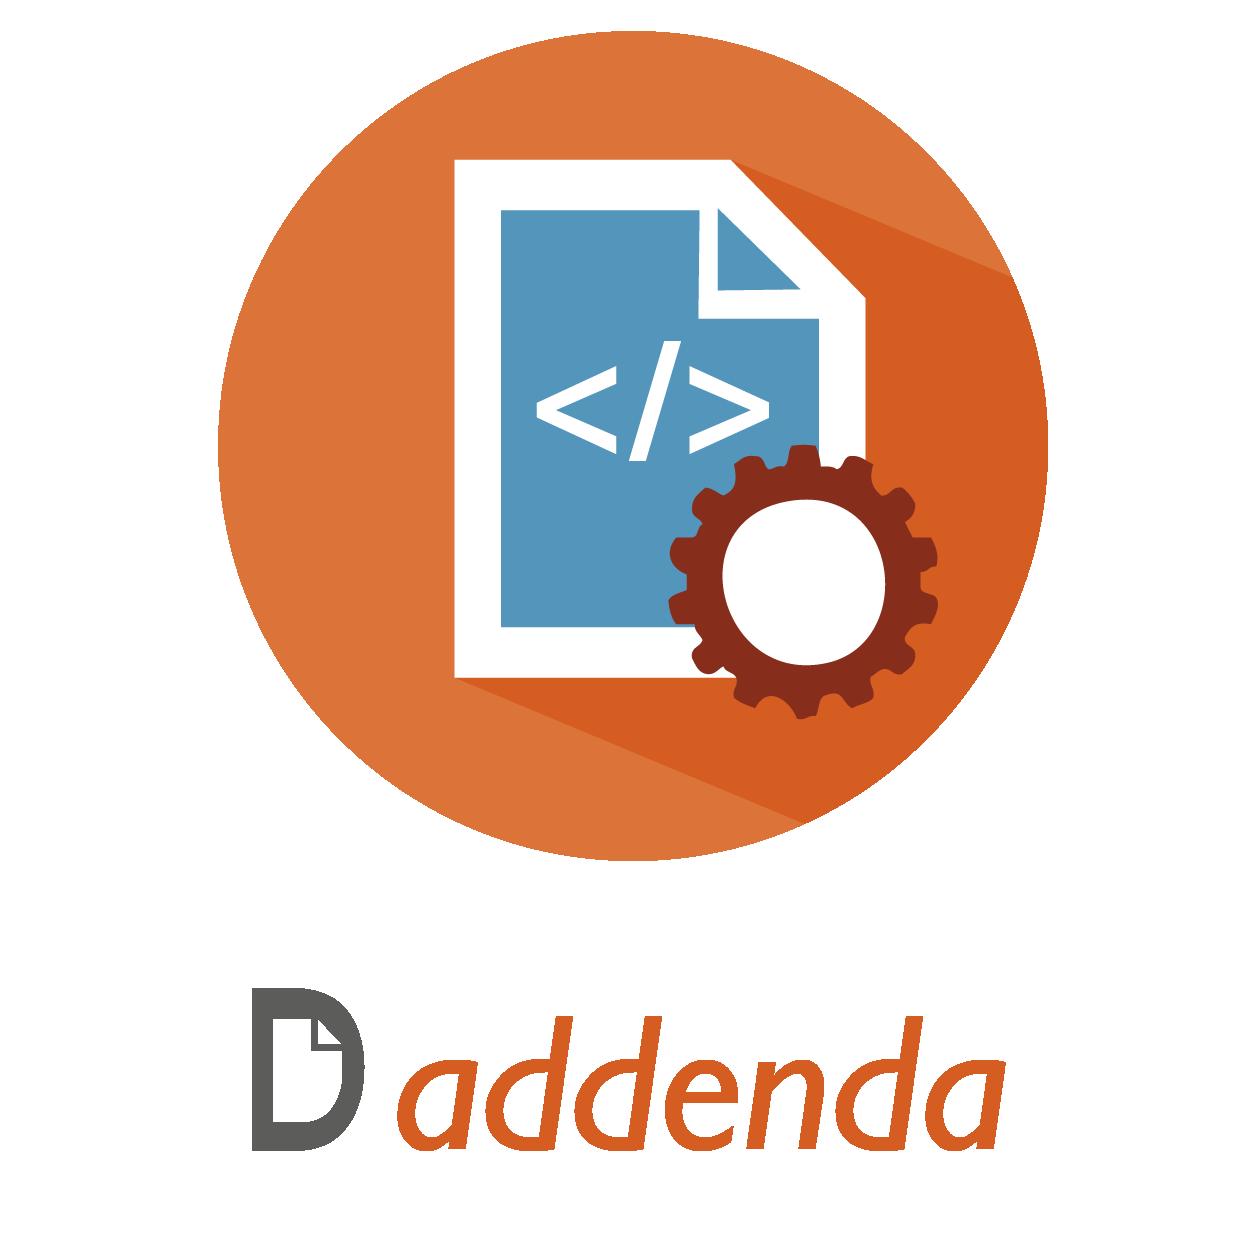 Daddendas